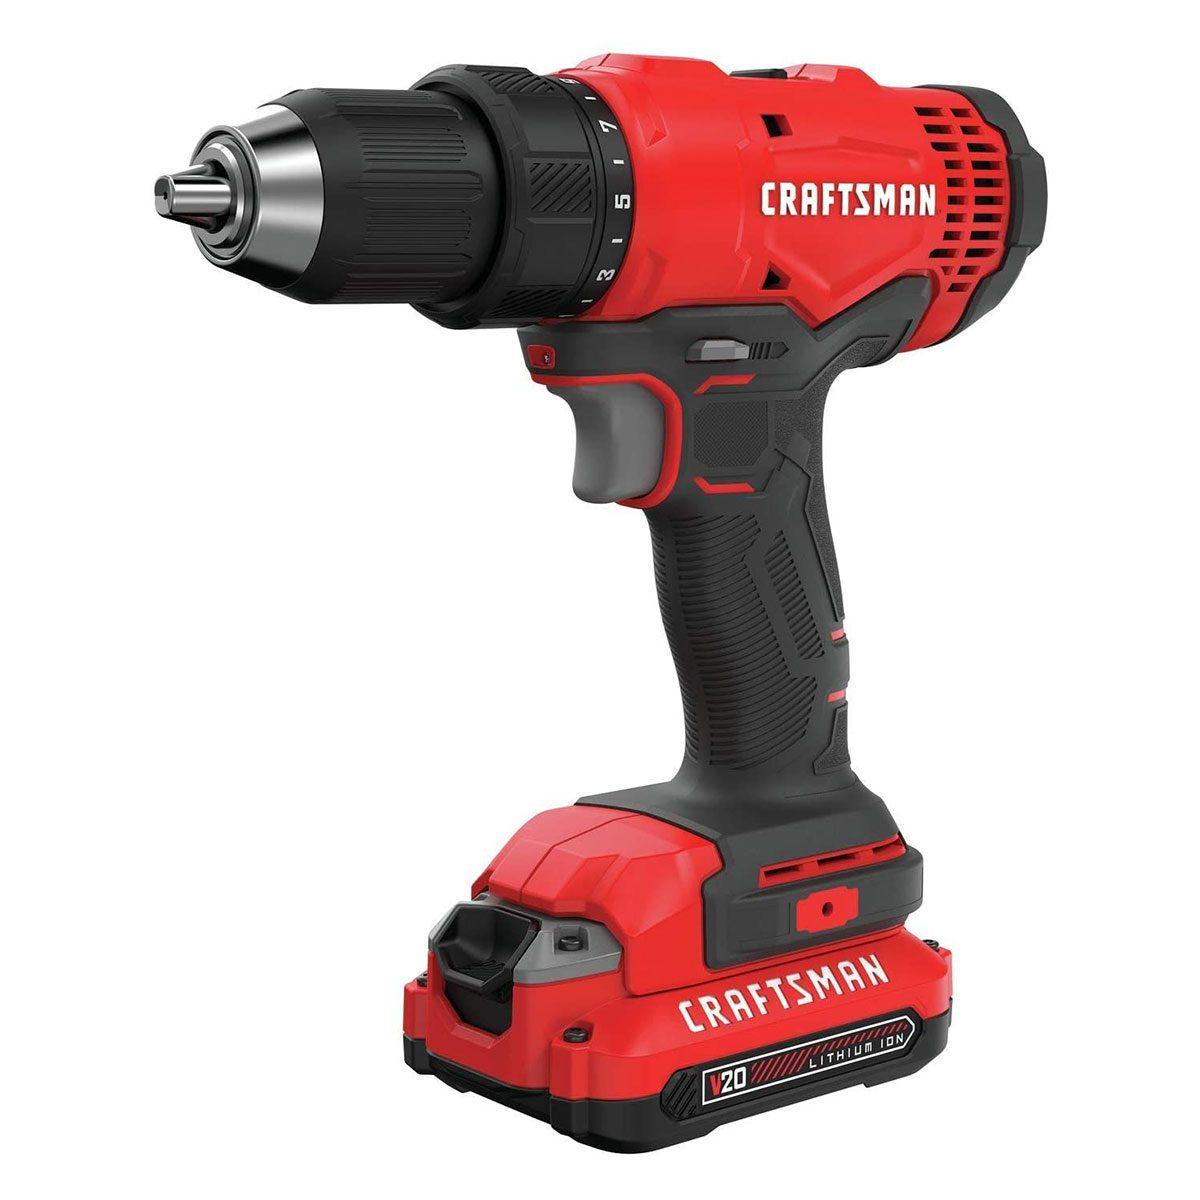 Craftsman V20 cordless drill